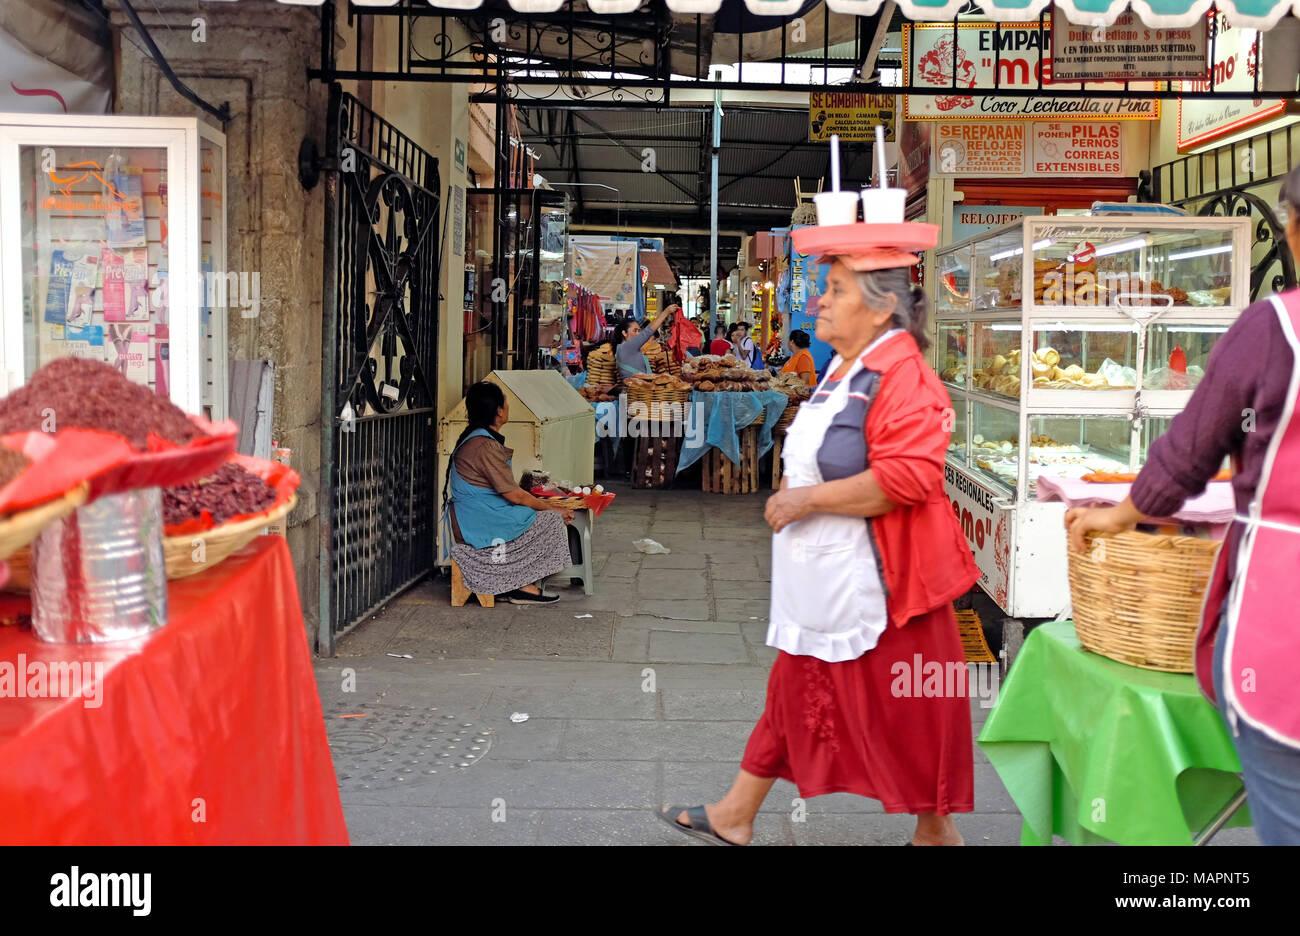 Einer der Eingänge zu den wichtigsten Markt in der Altstadt von Oaxaca, Mexiko, zeigt die Energie und einzigartige Straßenbild der Gegend. Stockbild